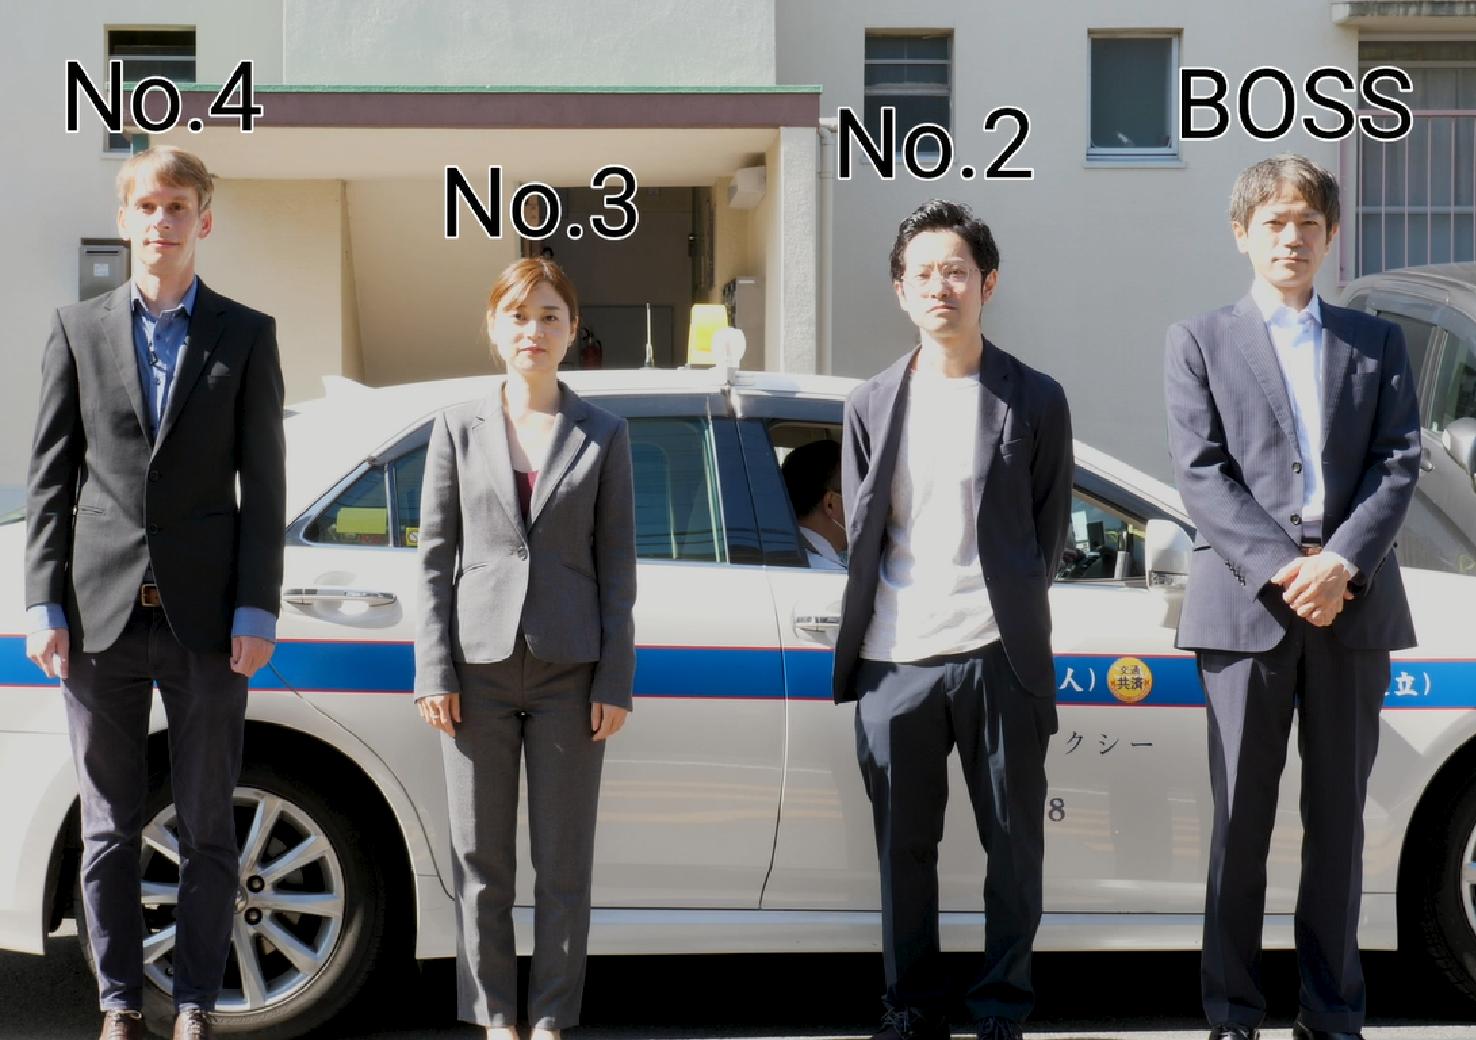 タクシーに乗る(ビジネス編)